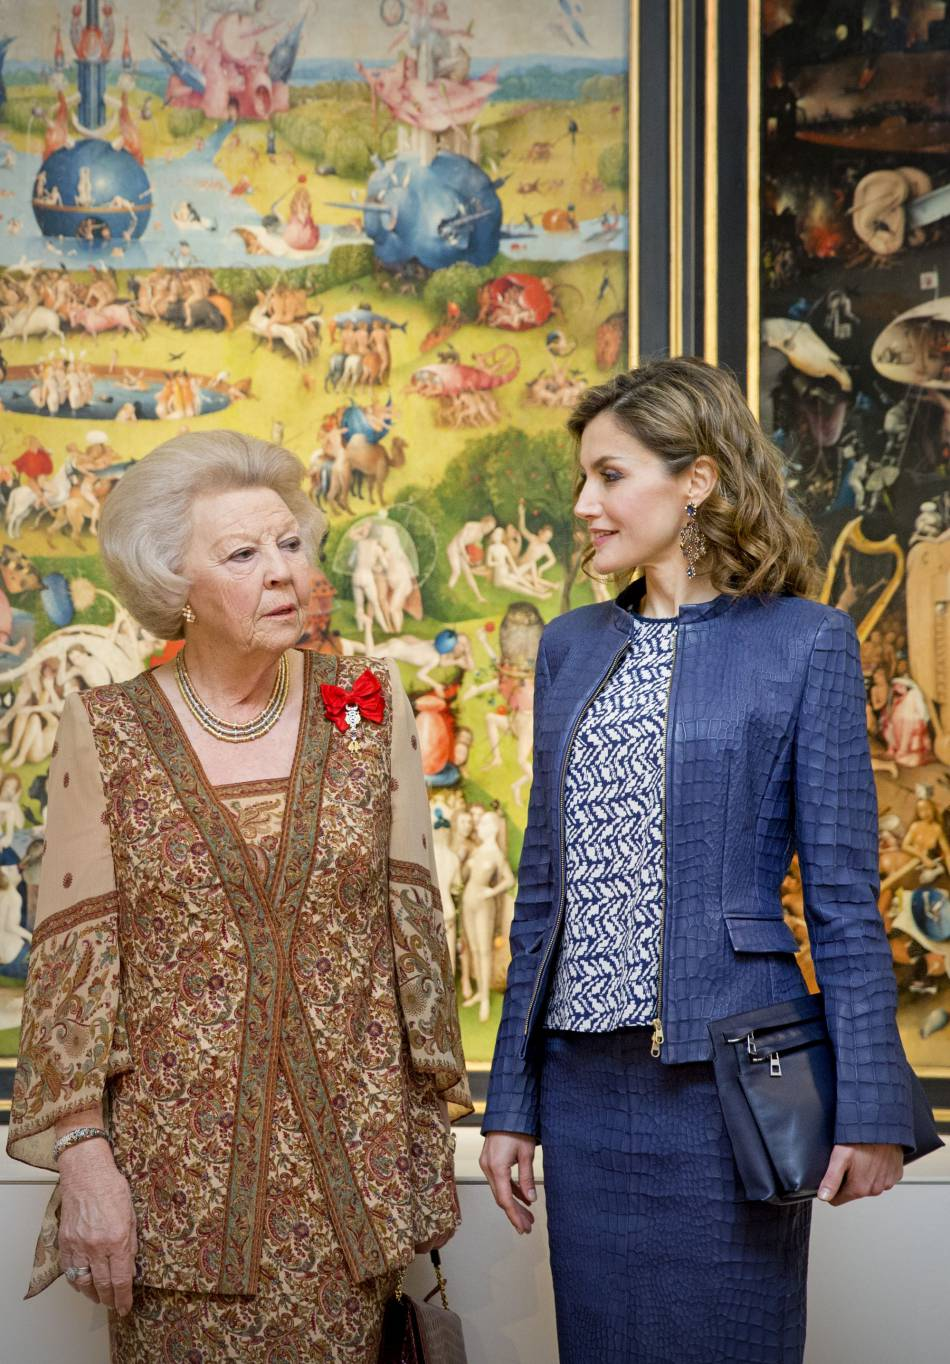 """Le roi Felipe VI, la reine Letizia d'Espagne et la princesse Beatrix des Pays-Bas inaugurent l'exposition """"El Bosco"""" au musée du Prado à Madrid, le 30 mai 2016."""